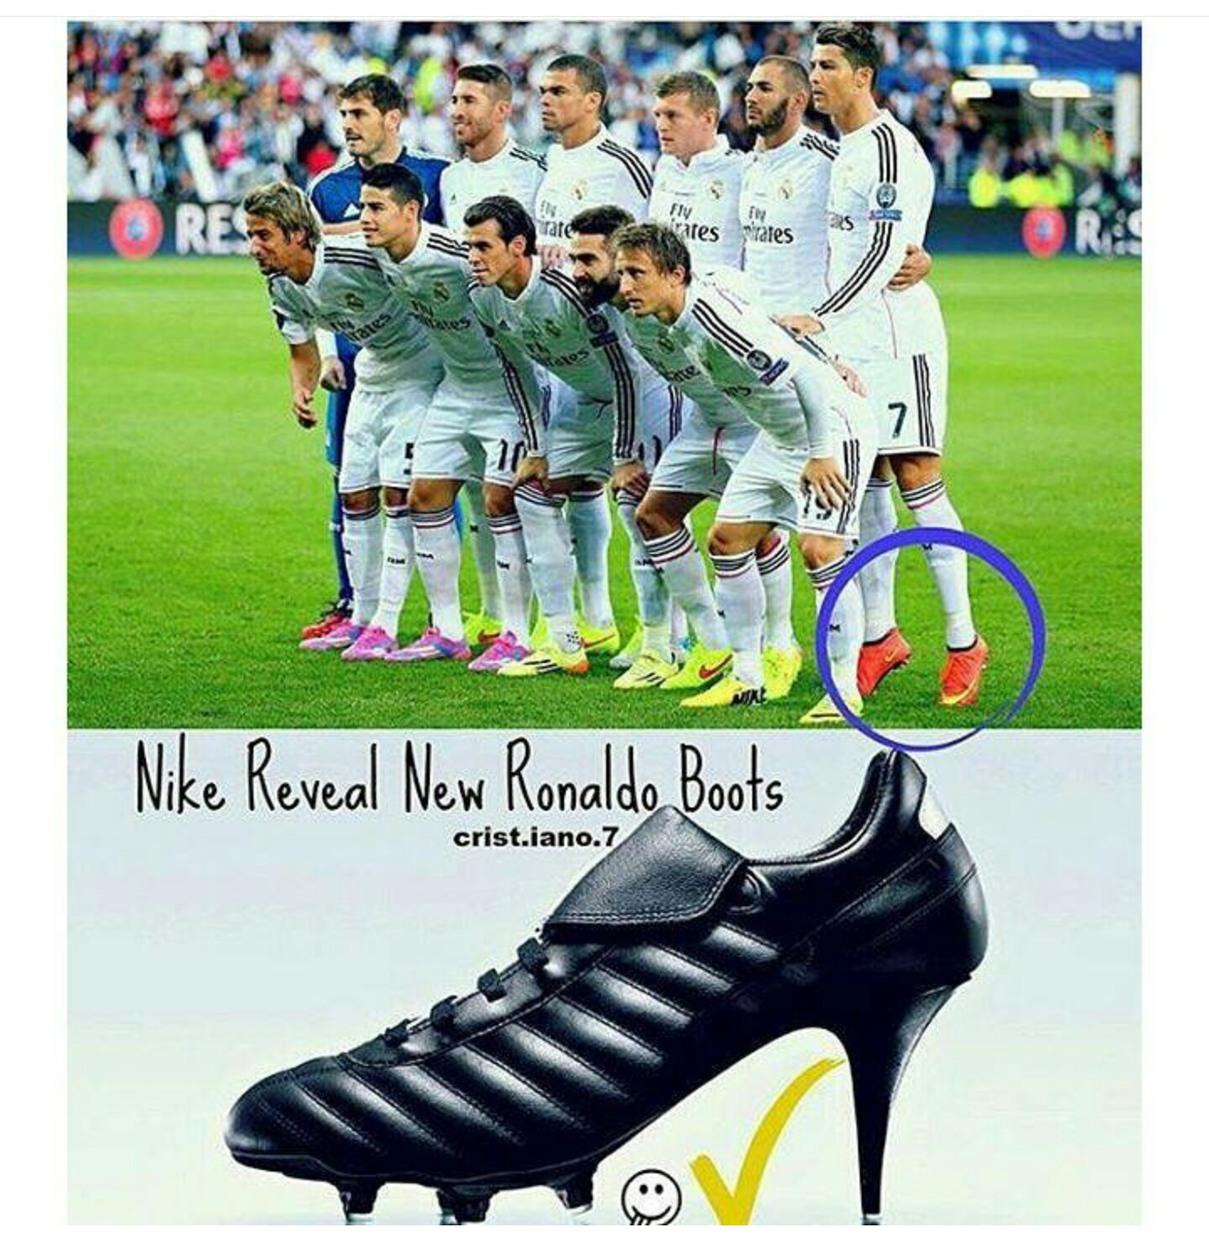 Nova edição da Nike - meme